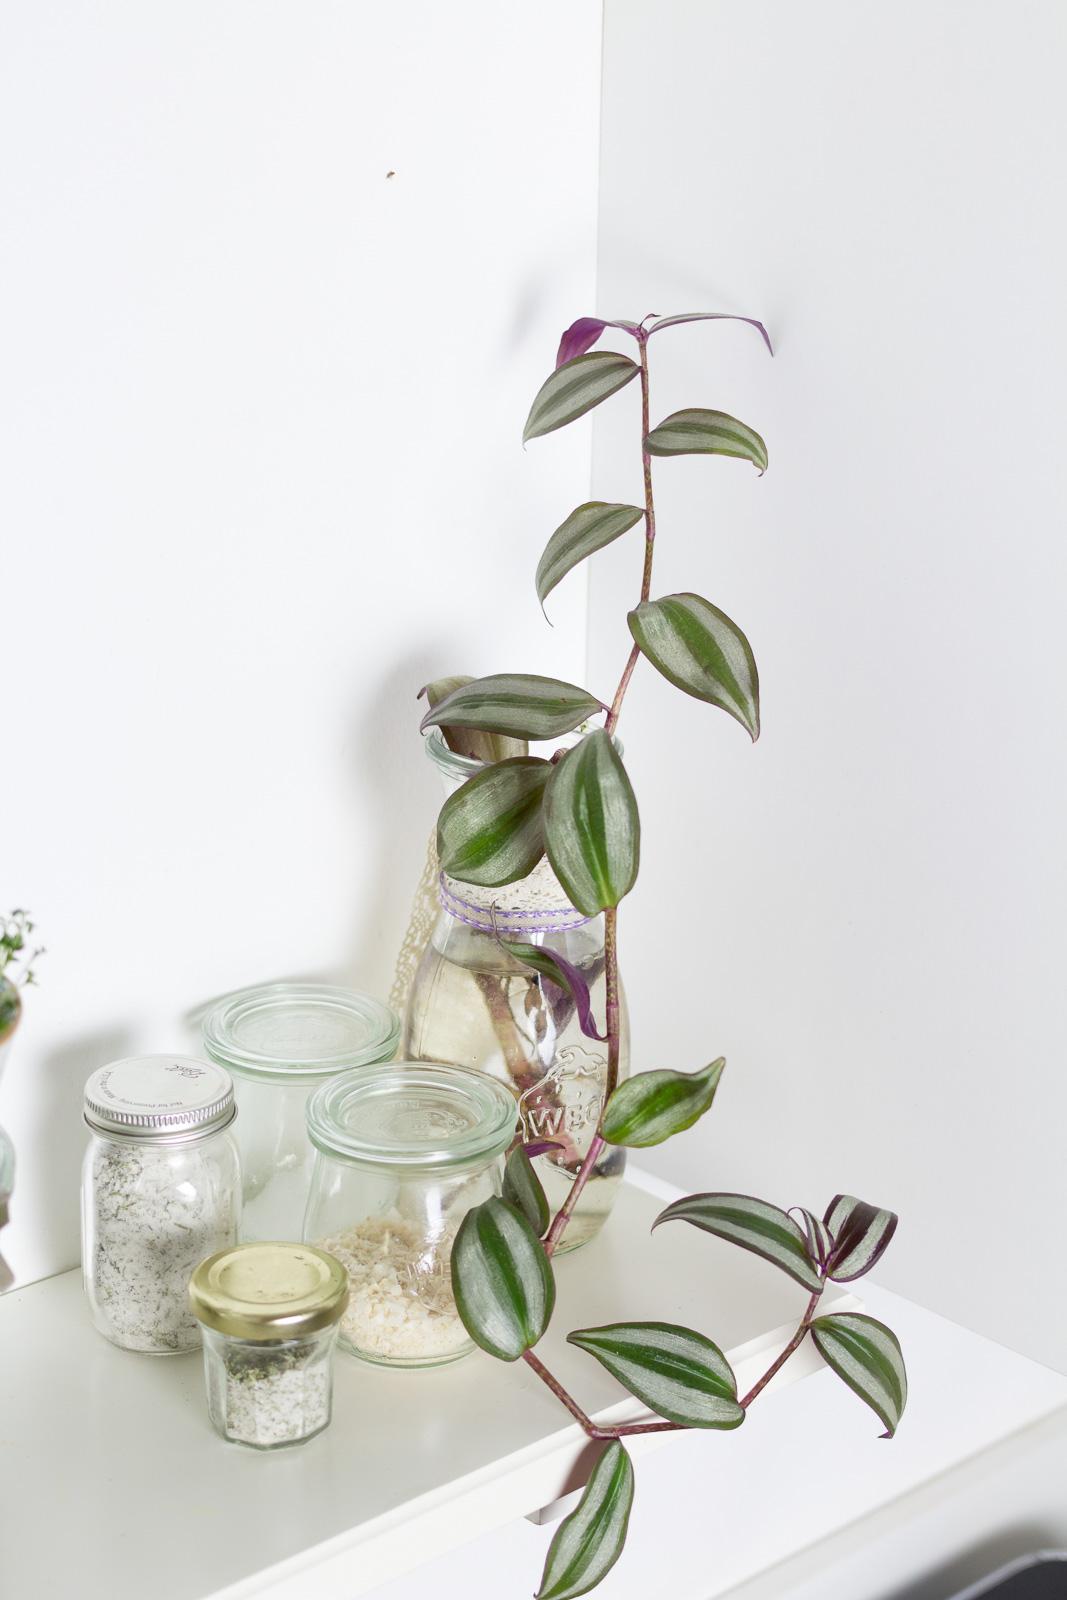 pflanzen k che wenig licht mischbatterie k che mit ger teanschluss ikea aufbewahrung glas. Black Bedroom Furniture Sets. Home Design Ideas